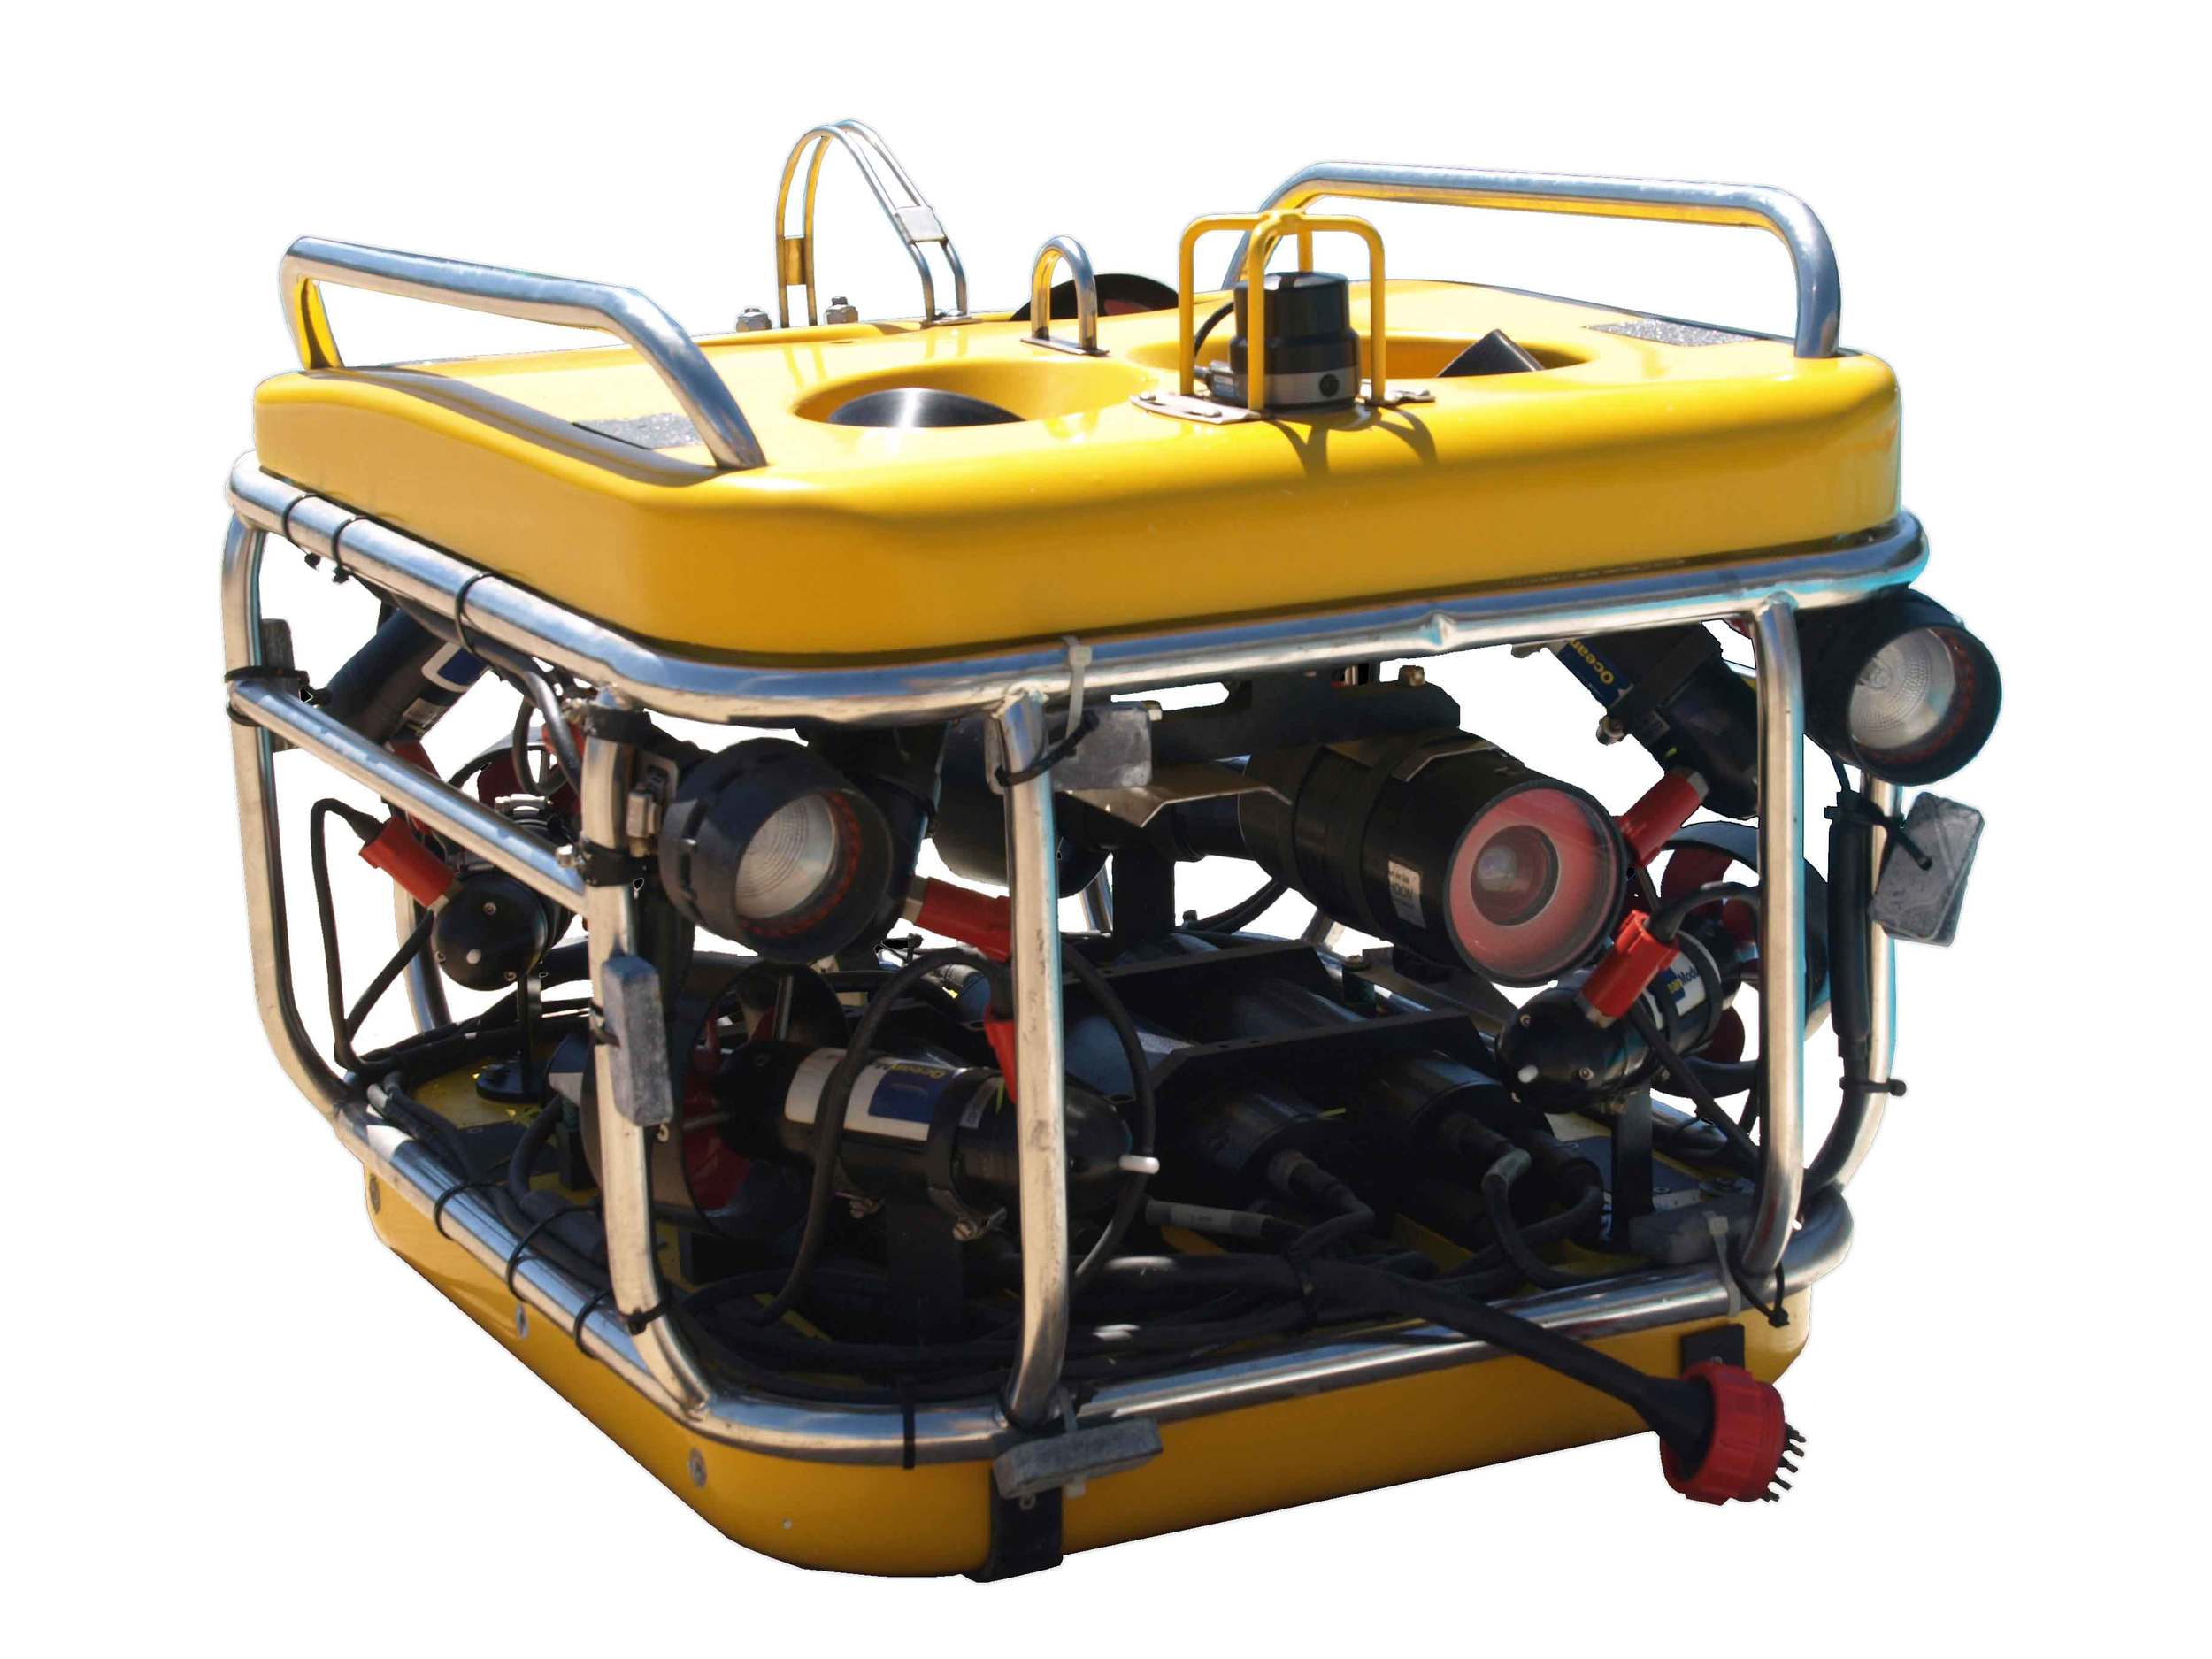 AUS-ROV Ocean Modules V8 Sii ROV